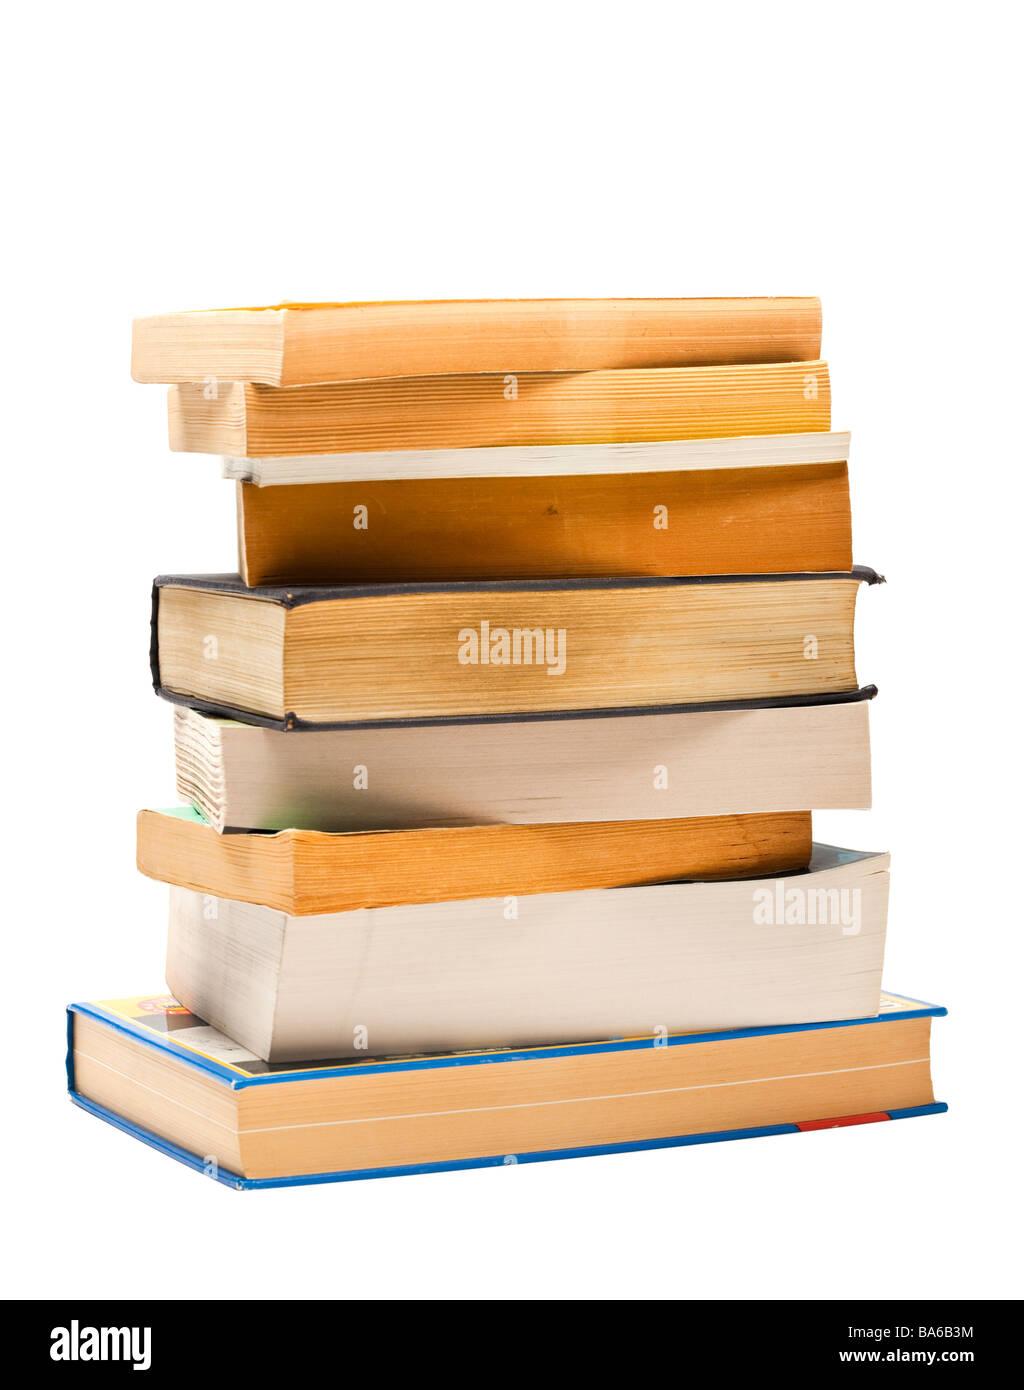 Livres - pile de vieux livres sur fond blanc Photo Stock